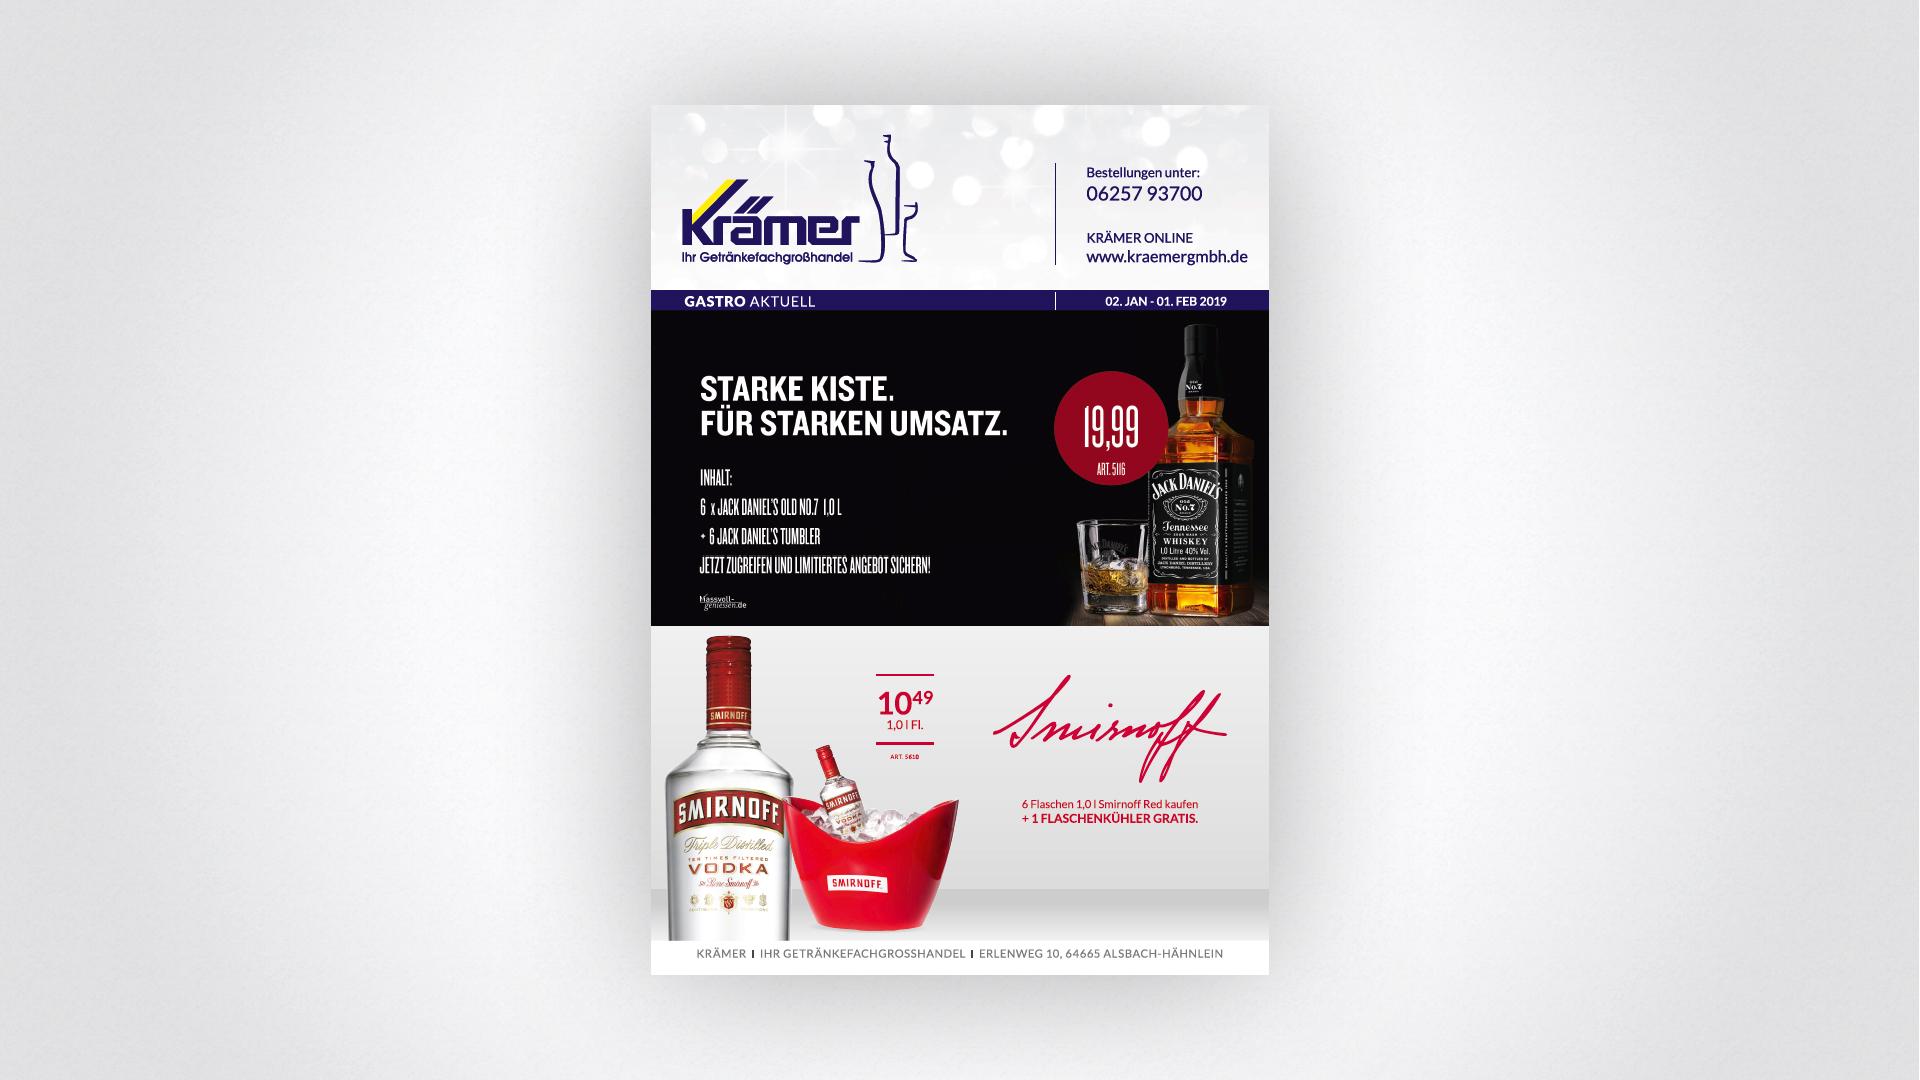 Krämer Getränke GmbH & Co. KG in Alsbach-Hähnlein